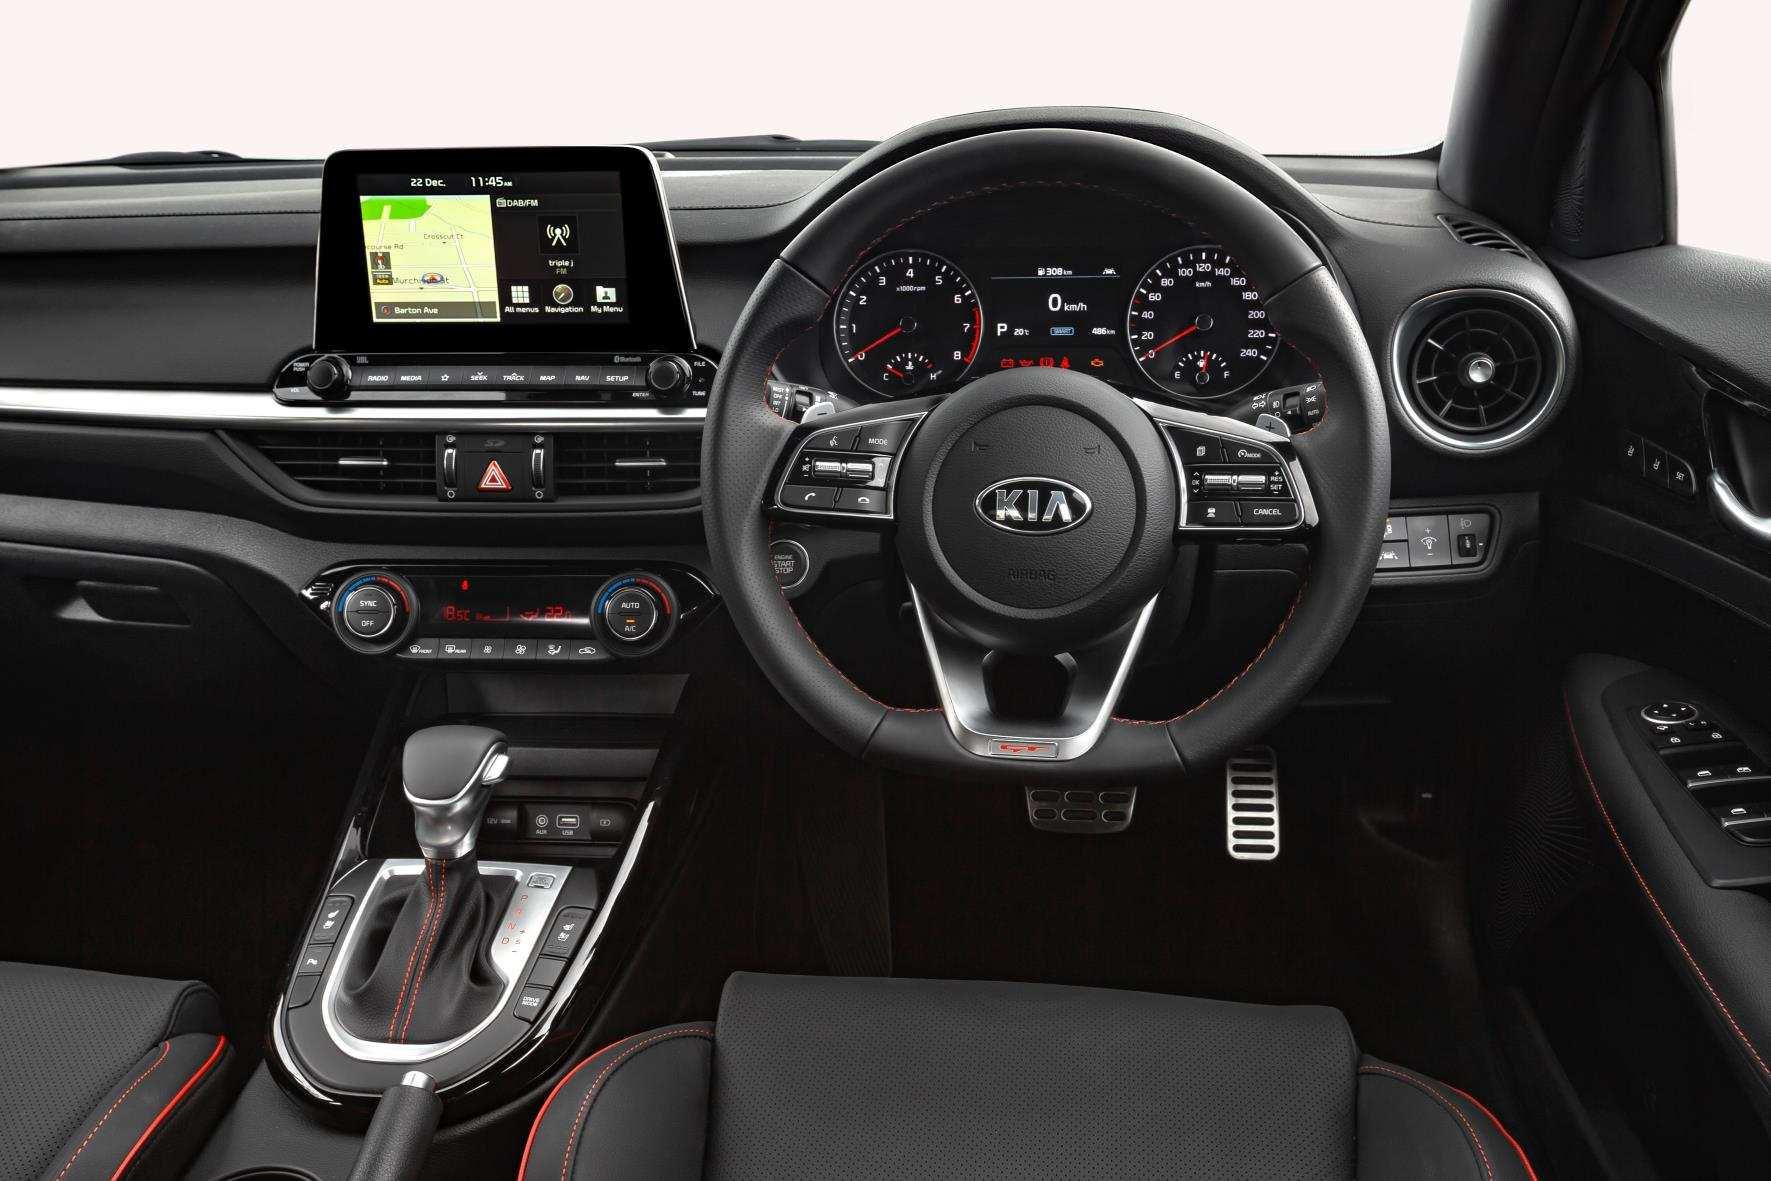 88 All New Kia Cerato 2019 Interior Reviews with Kia Cerato 2019 Interior